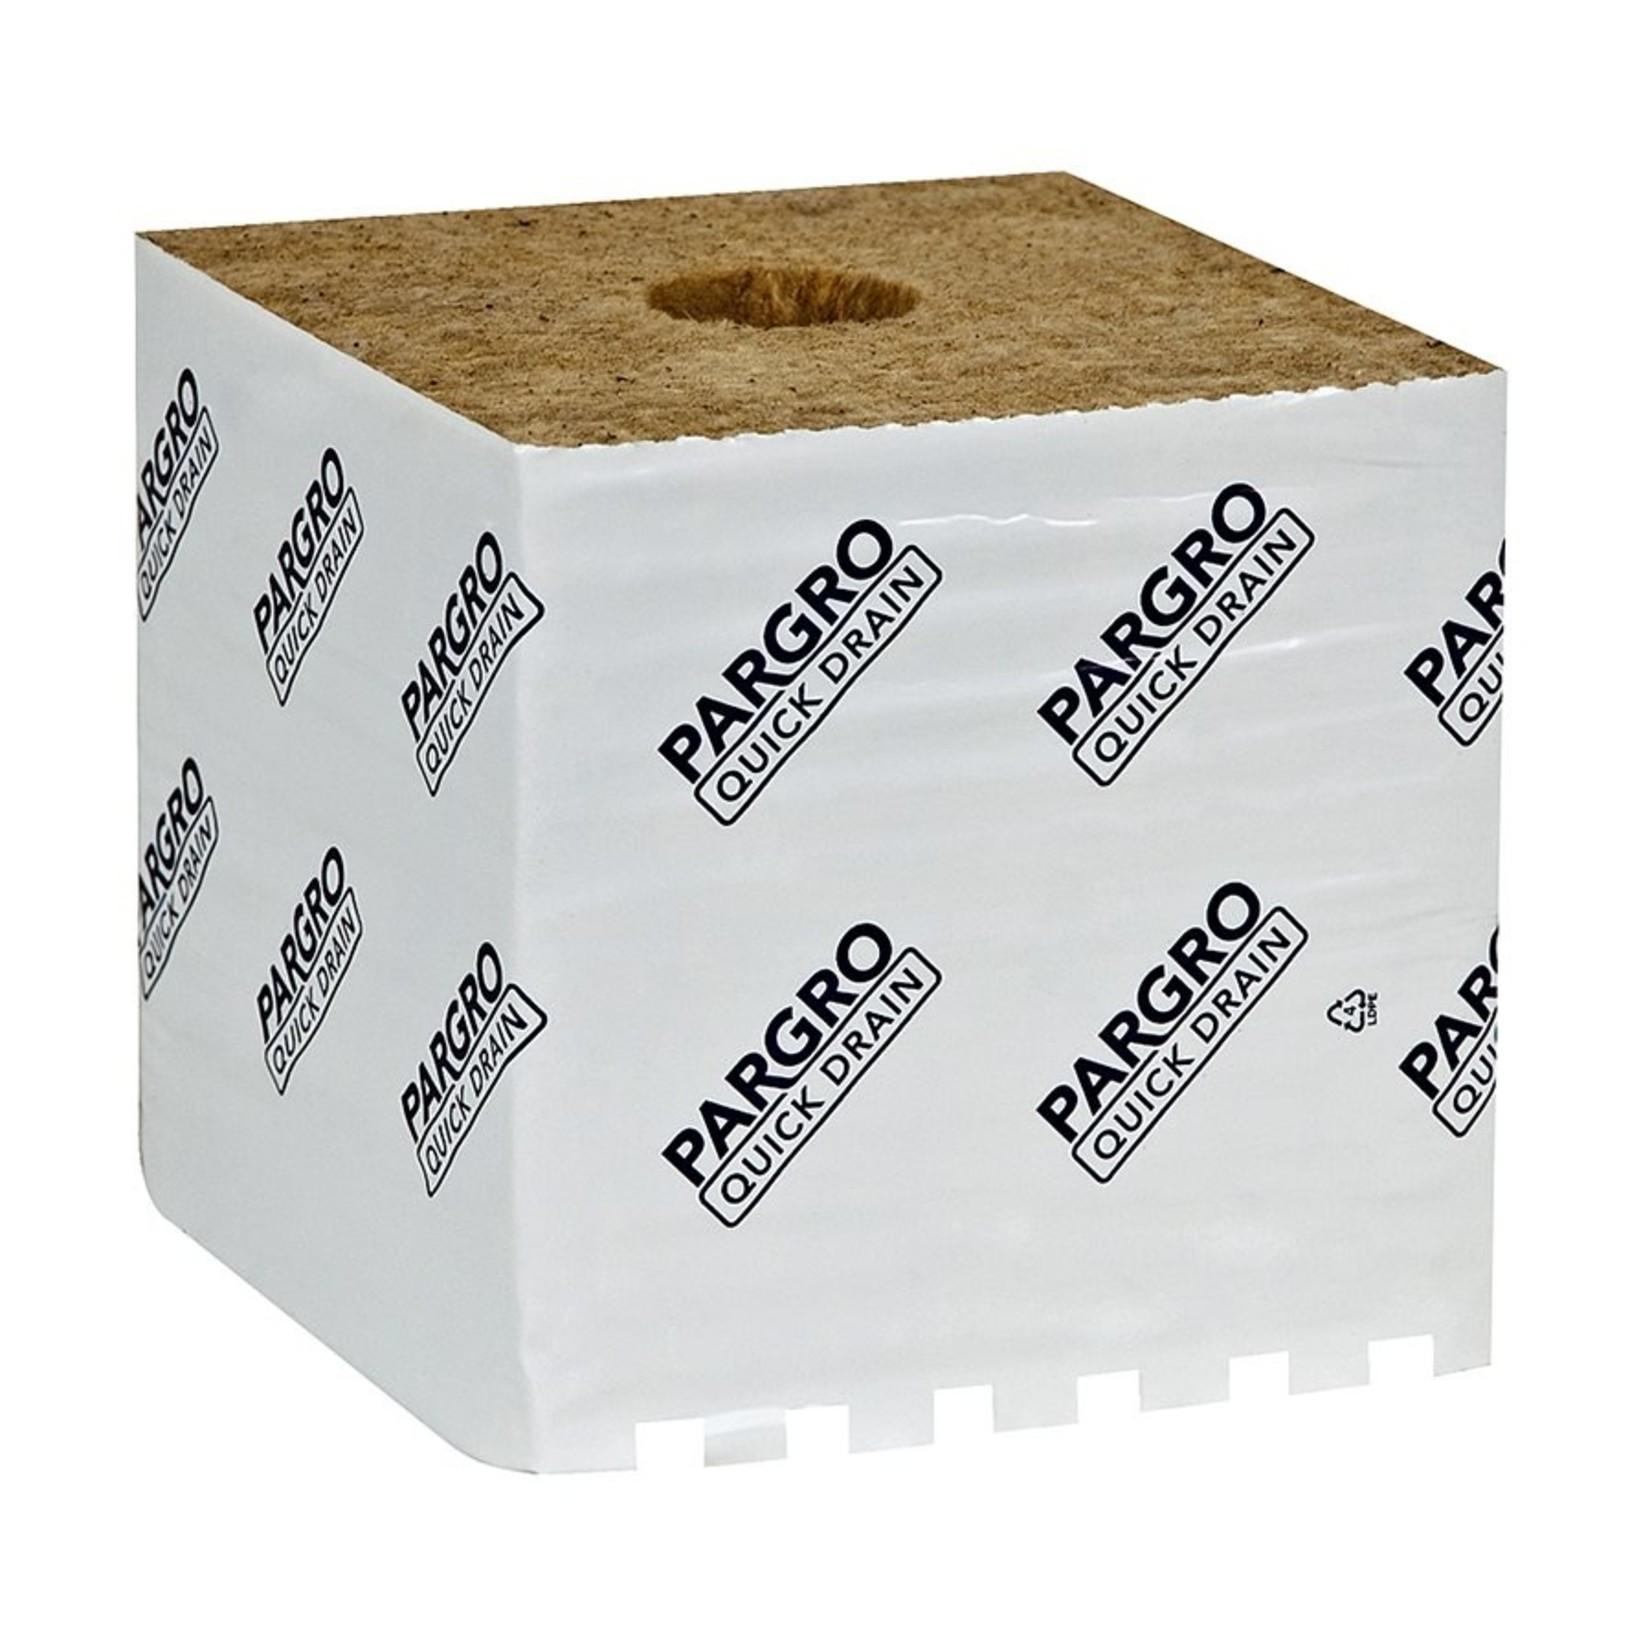 Pargro PARGRO QD BIGGIE BLOCKS 6''X6''X6''